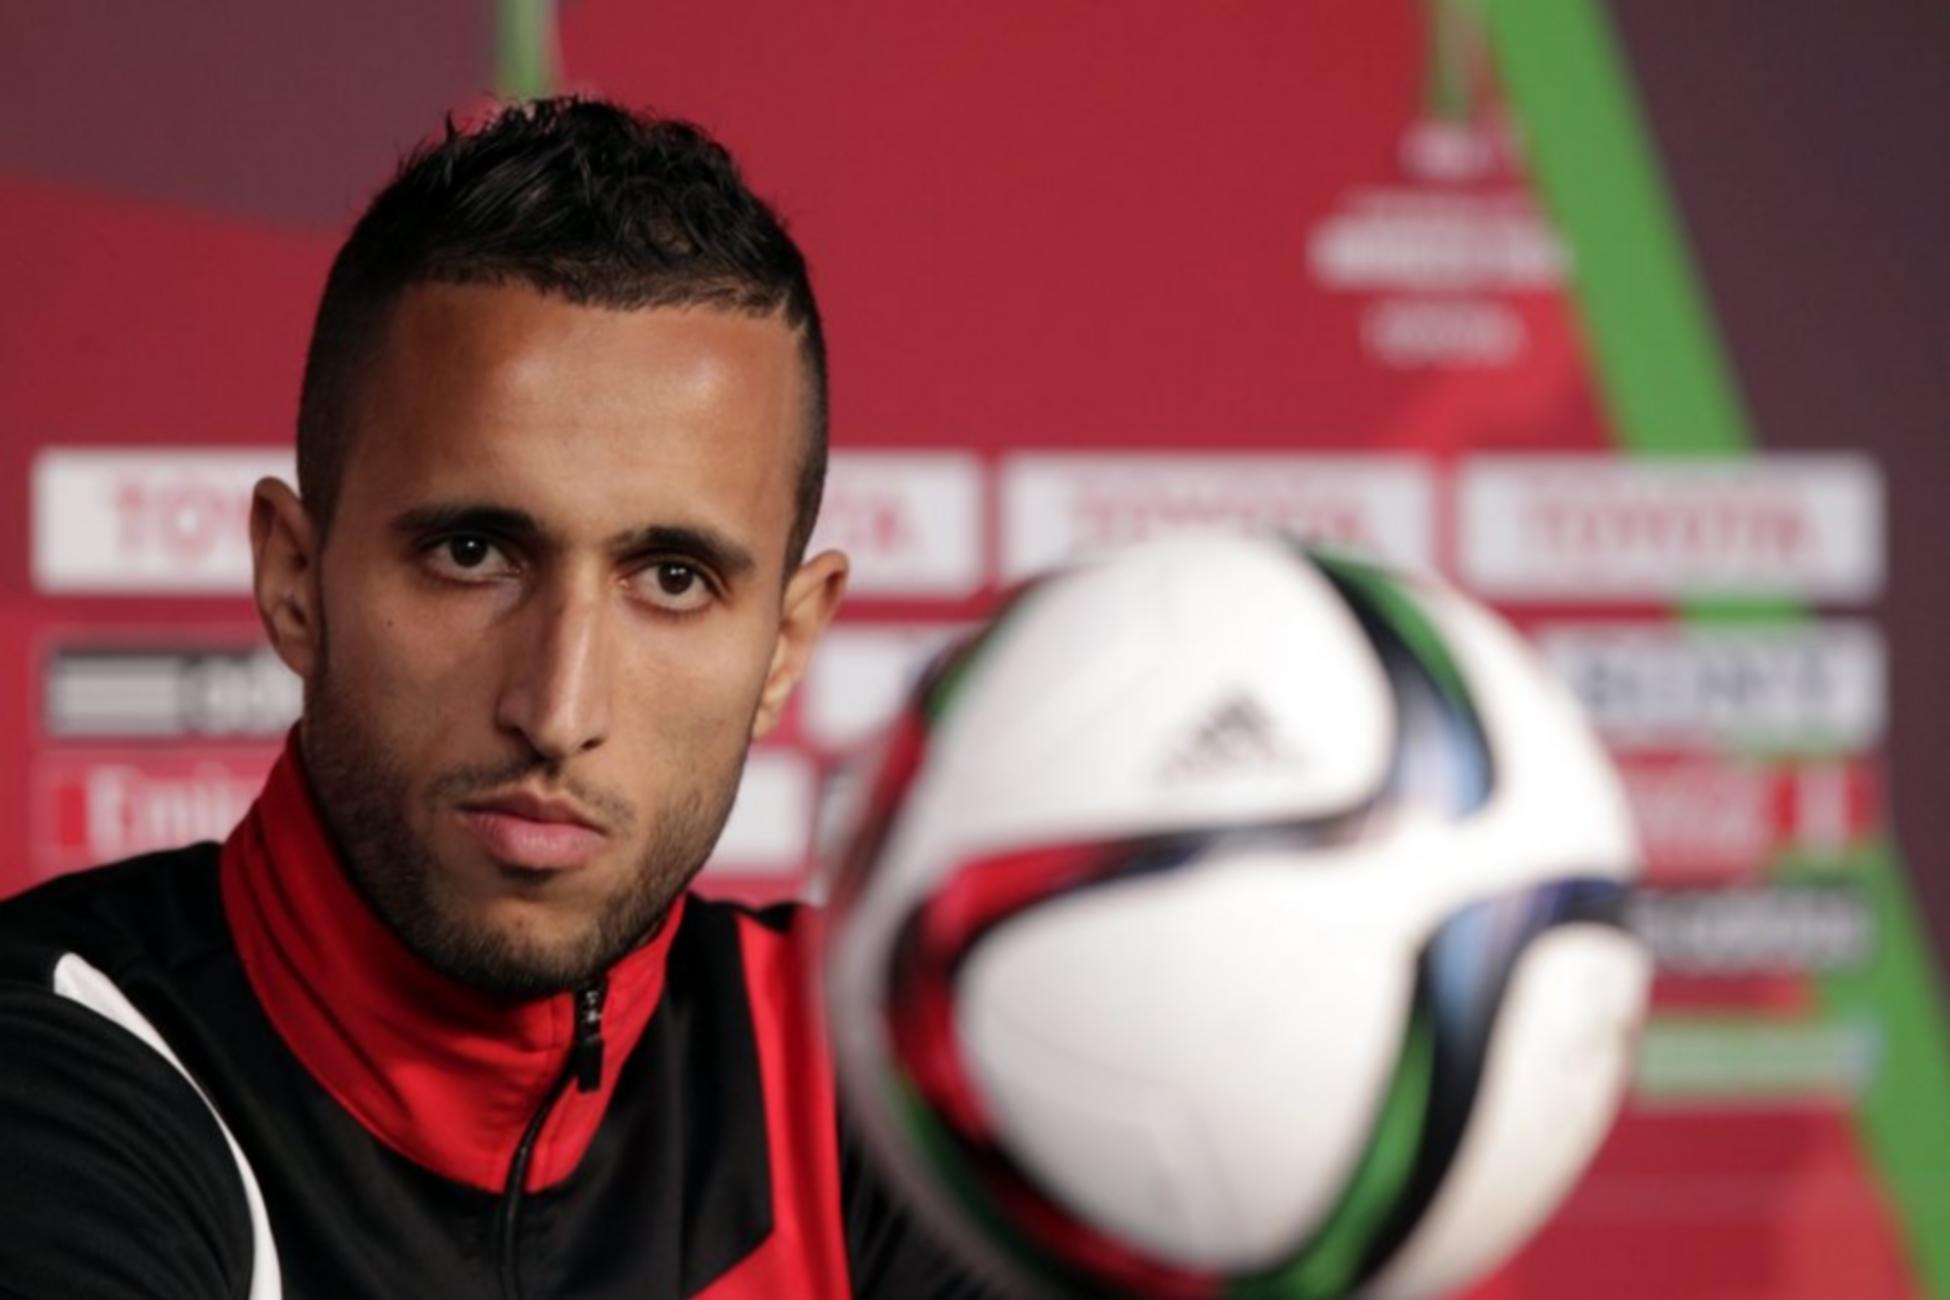 Πέθανε 31 ετών διεθνής Μαροκινός ποδοσφαιριστής (pic)